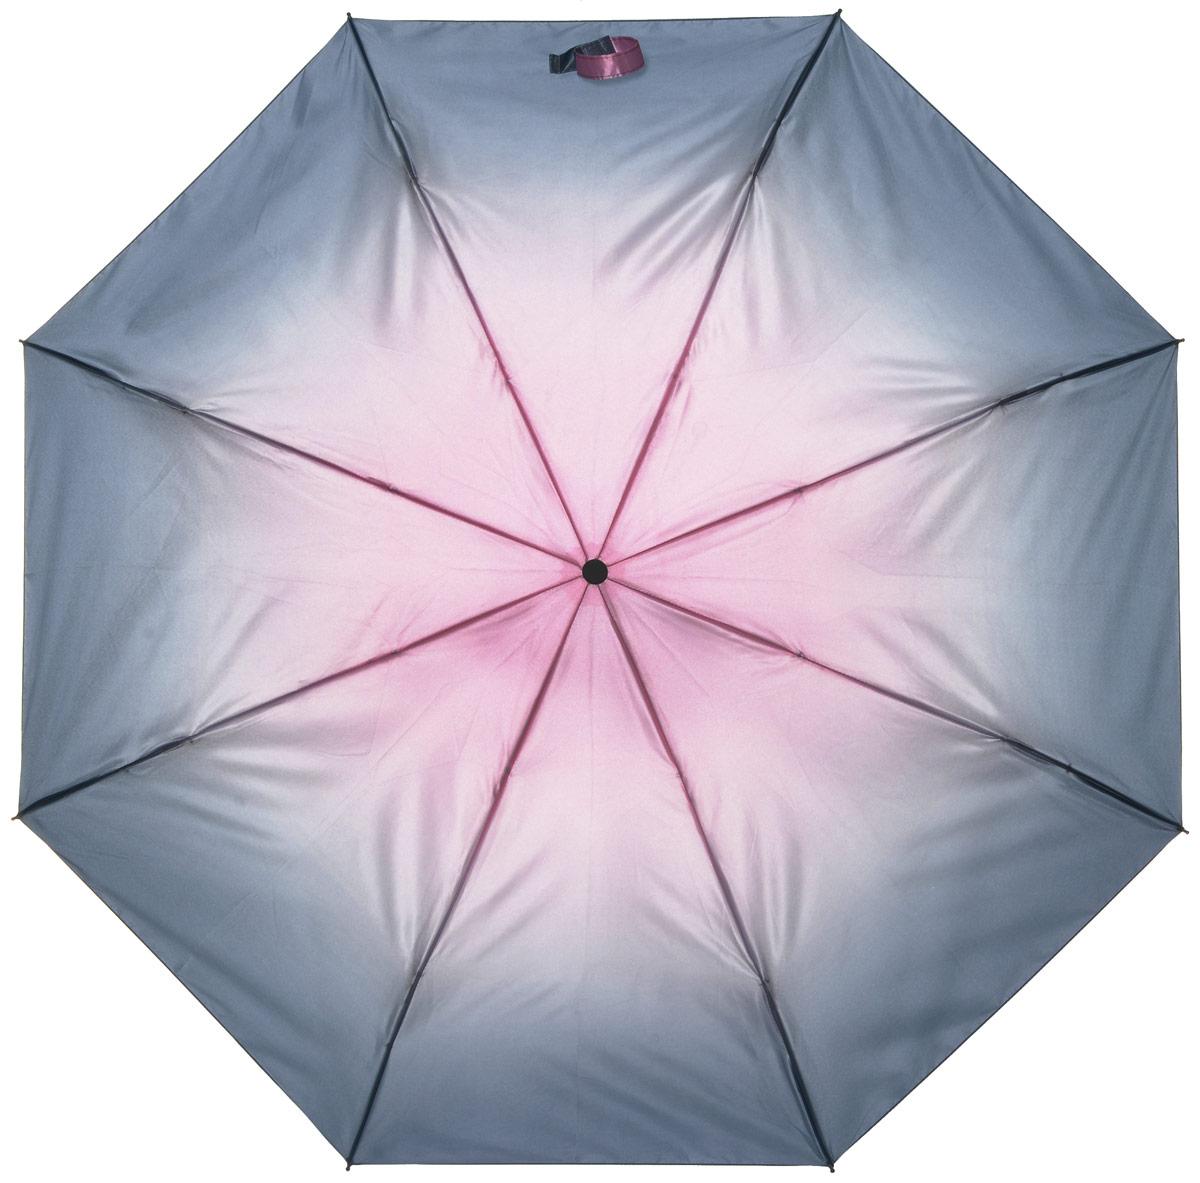 Зонт женский Labbra, автомат, 3 сложения, цвет: серый, розовый. A3-05-026A3-05-026Яркий зонт Labbra не оставит вас незамеченной. Зонт оформлен в оригинальным принтом. Зонт состоит из шести спиц и стержня, изготовленных из стали и фибергласса. Купол выполнен из качественного полиэстера и сатина, которые не пропускают воду. Зонт дополнен удобной ручкой из пластика. Зонт имеет автоматический механизм сложения: купол открывается и закрывается нажатием кнопки на ручке, стержень складывается вручную до характерного щелчка, благодаря чему открыть и закрыть зонт можно одной рукой. Ручка дополнена петлей, благодаря которой зонт можно носить на запястье . К зонту прилагается чехол. Удобный и практичный аксессуар даже в ненастную погоду позволит вам оставаться стильной и элегантной.